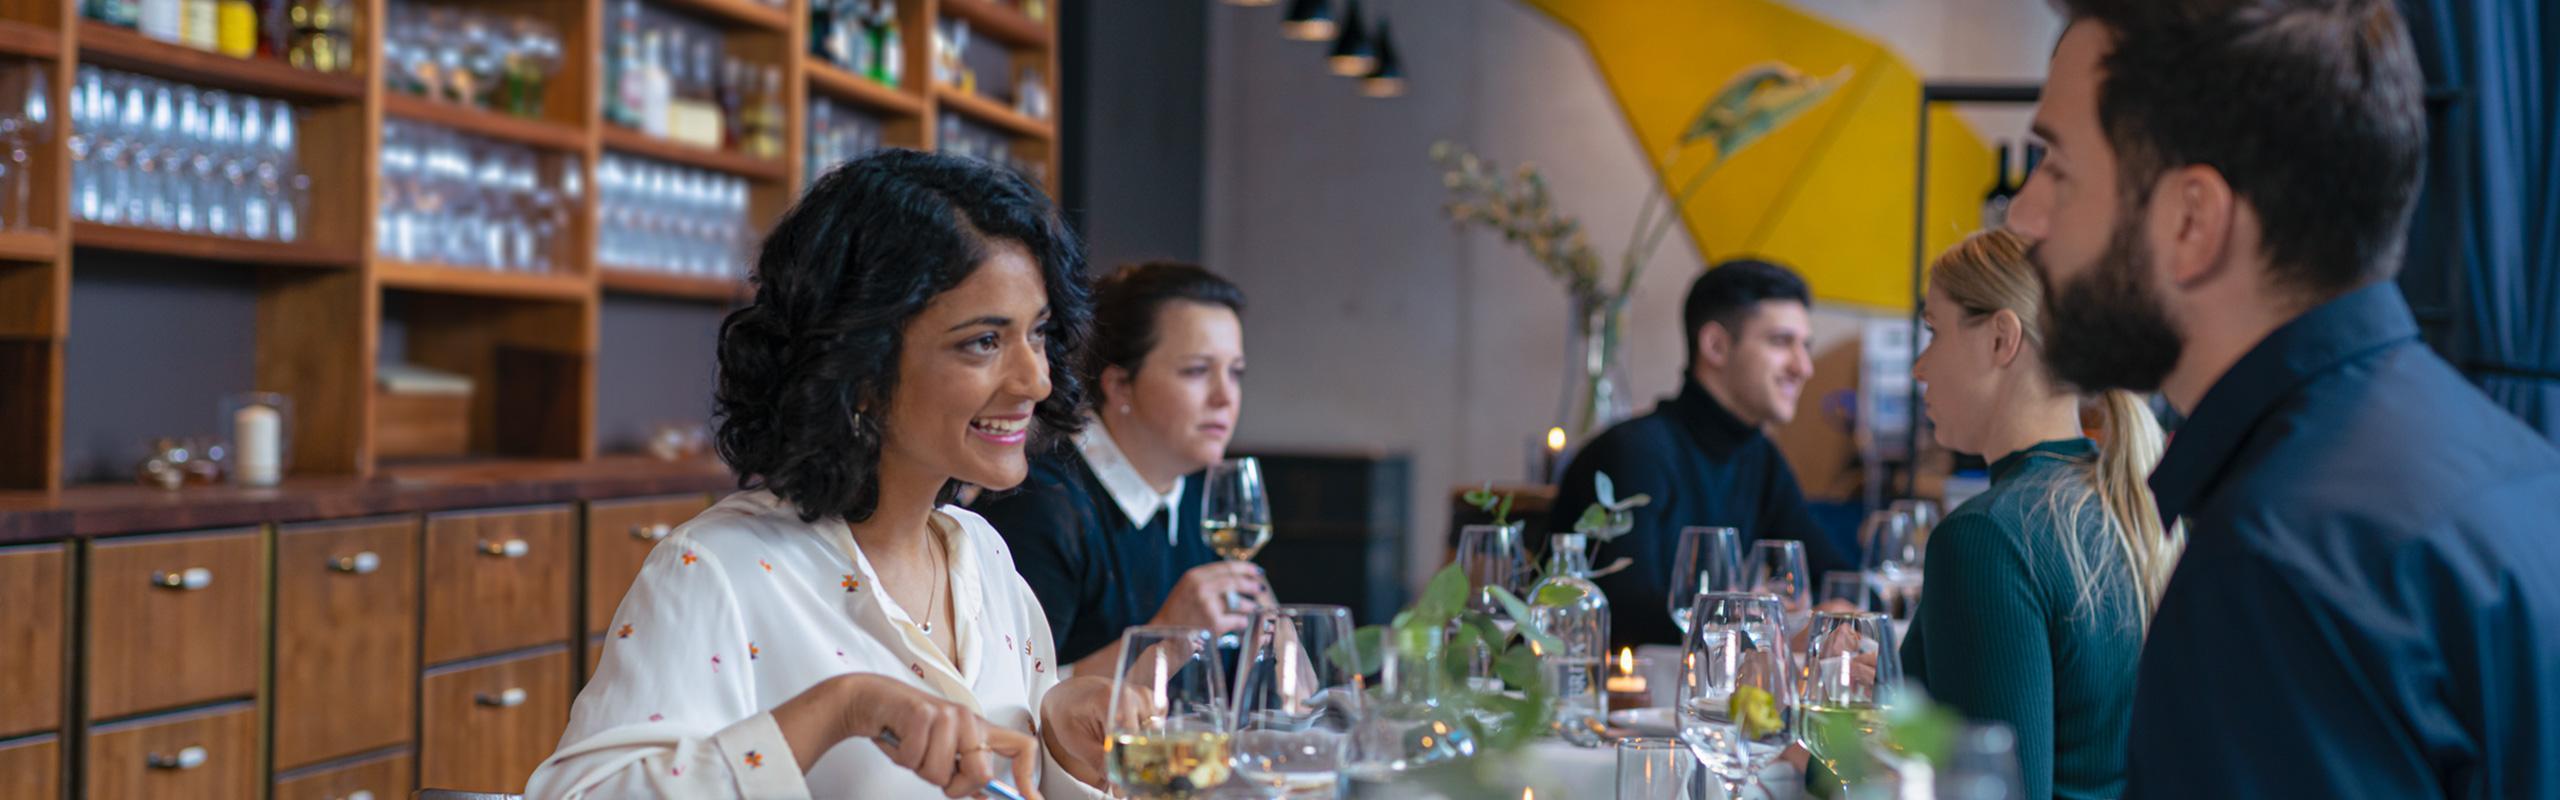 BRITA cuisine raffinée sushi